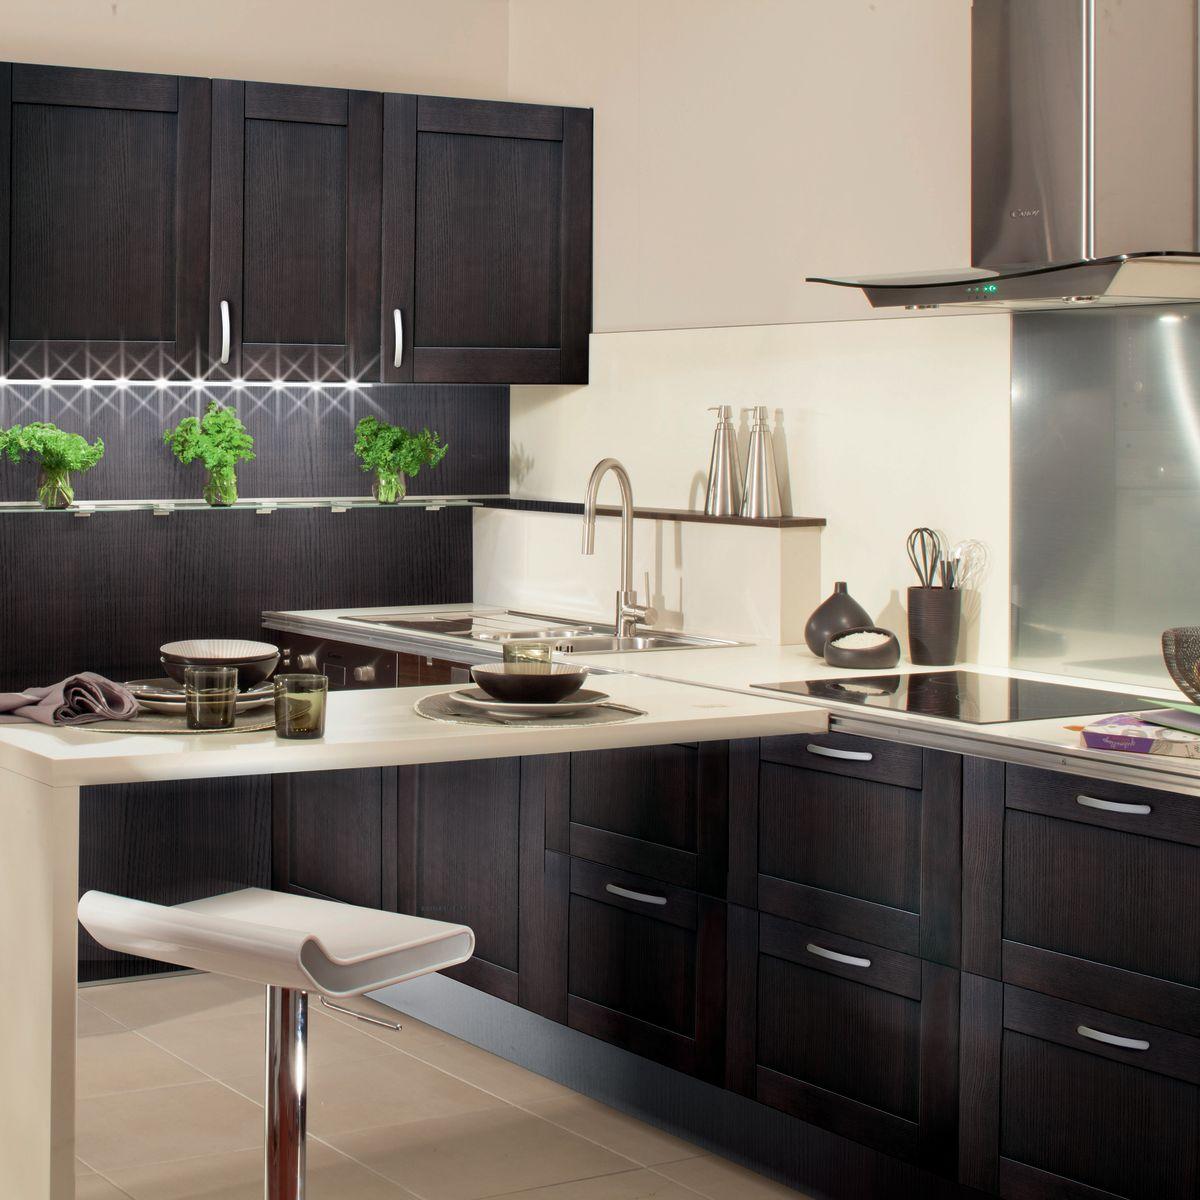 Cucine componibili: prezzi e offerte Leroy Merlin 2